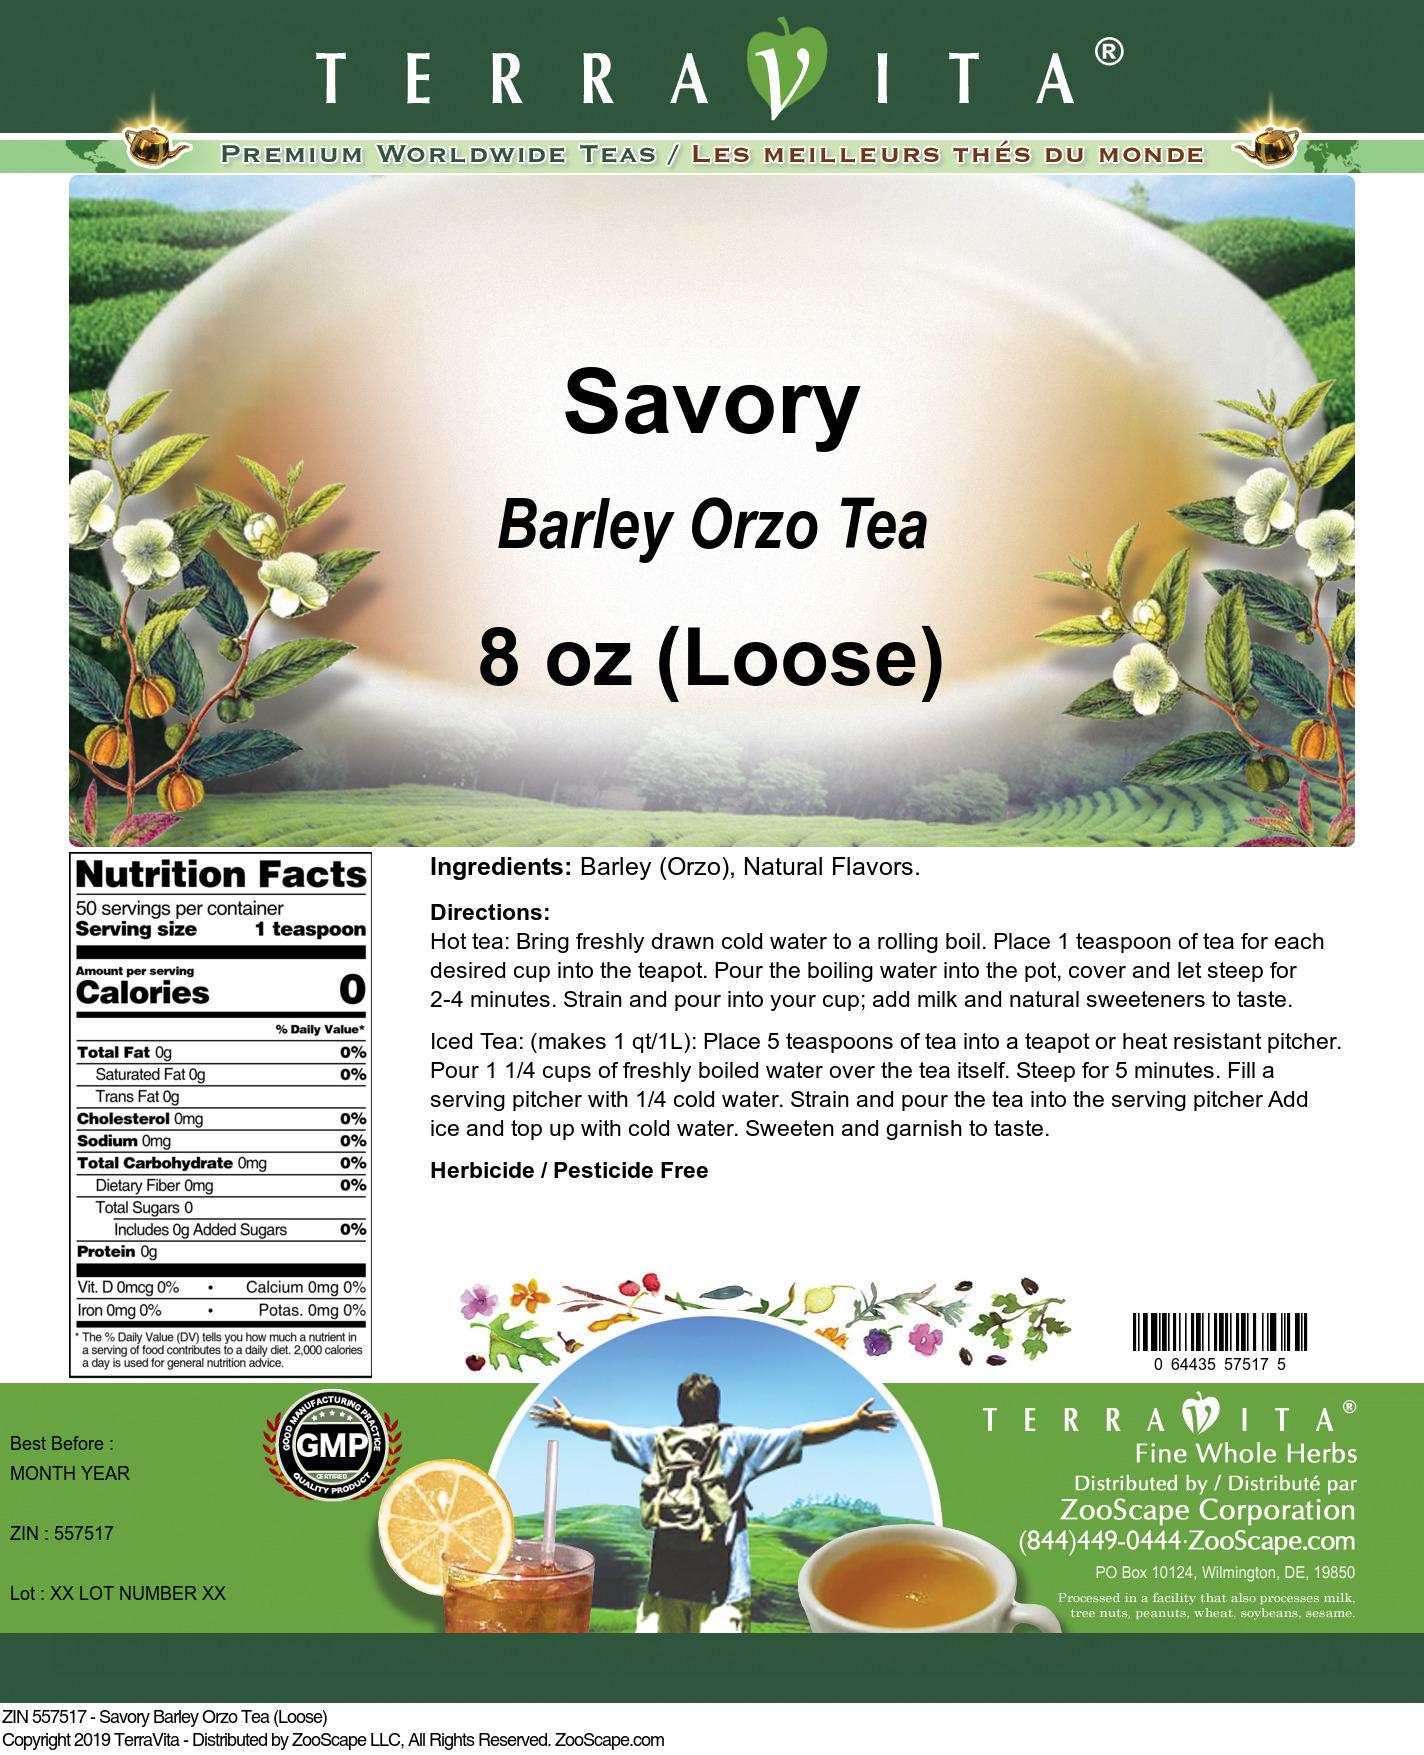 Savory Barley Orzo